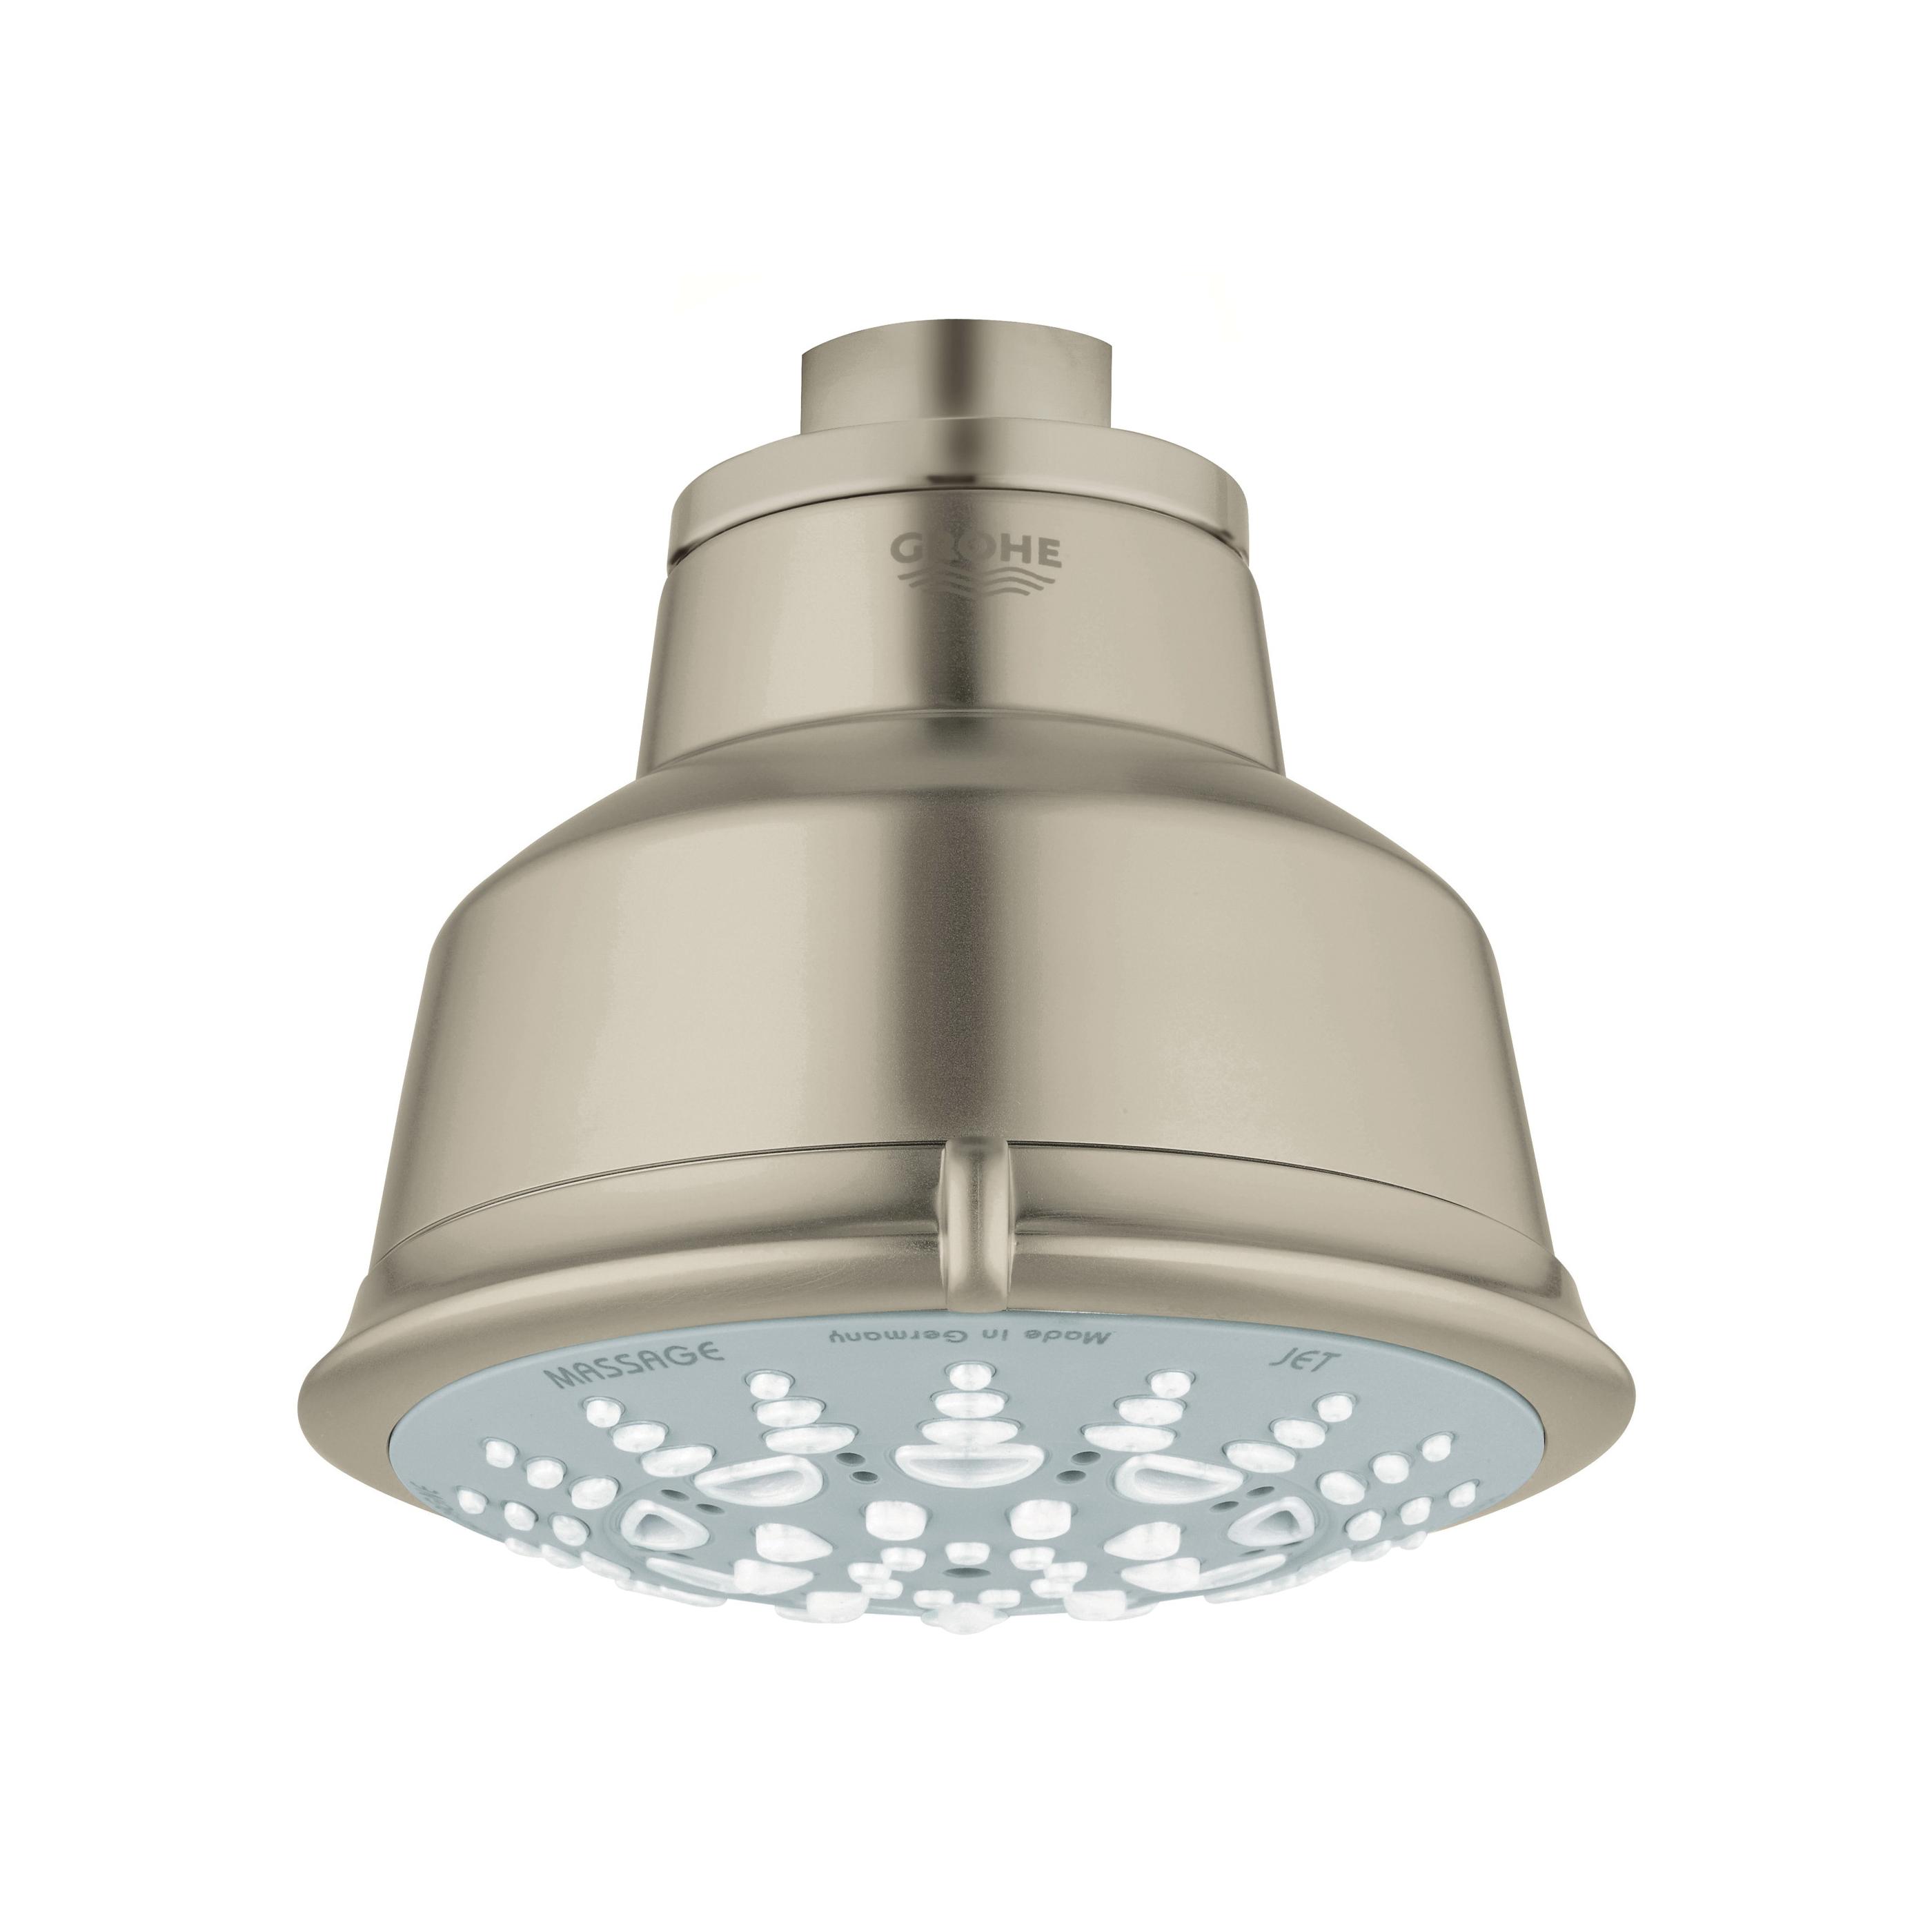 GROHE 27126EN1 Relexa Rustic 100 Shower Head, 2.5 gpm, 5 Sprays, Wall Mount, 4.06 in Head, Import